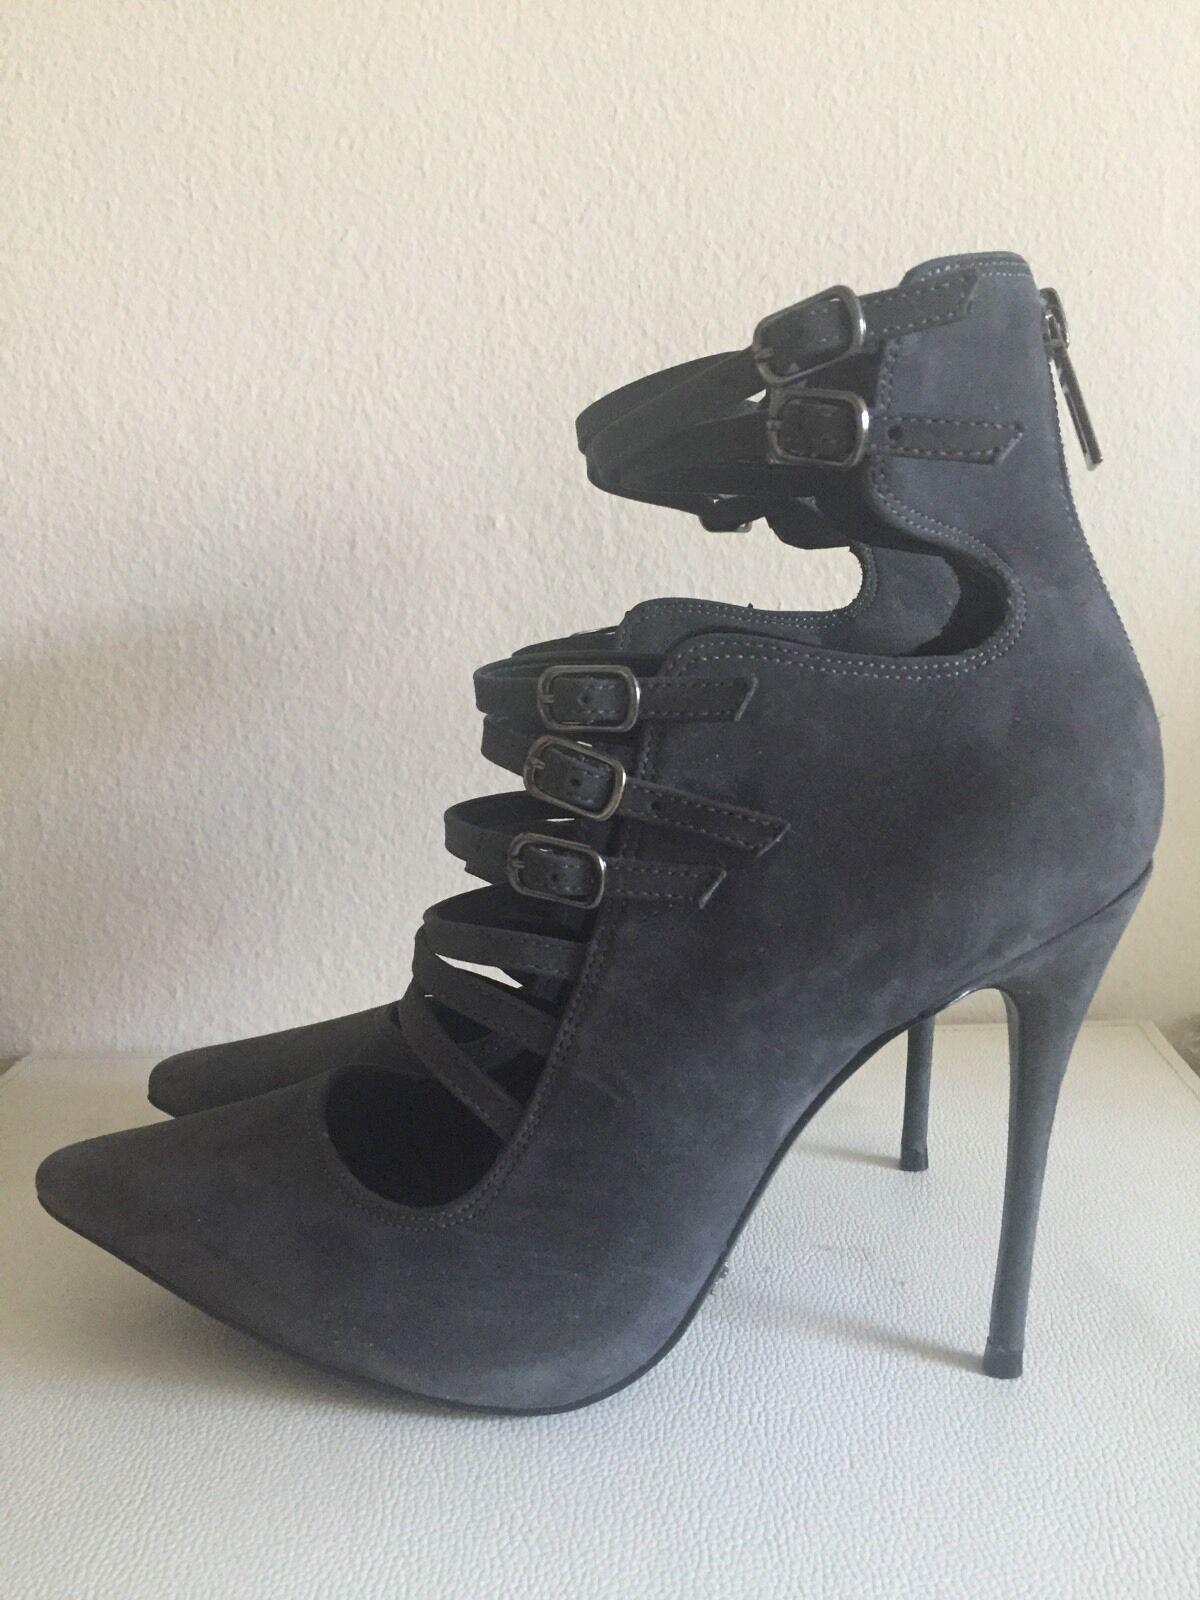 Schutz Grey Heels SZ 9 - Pre-owned